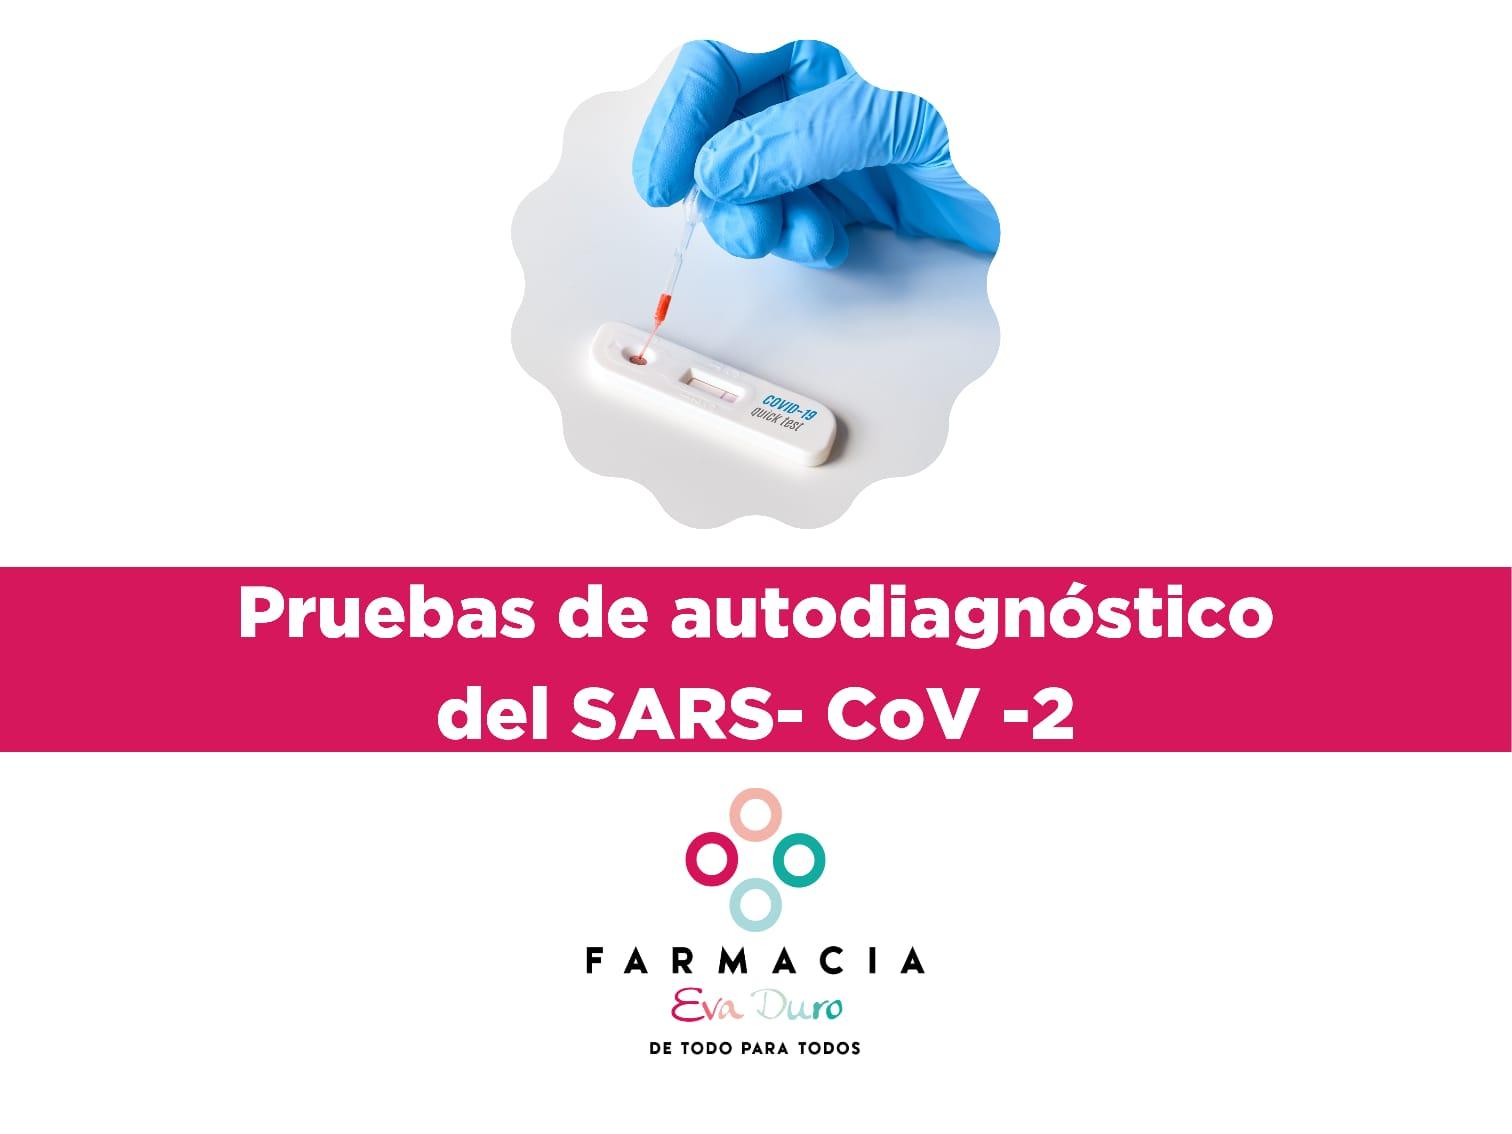 Pruebas de autodiagnóstico del SARS- CoV -2.